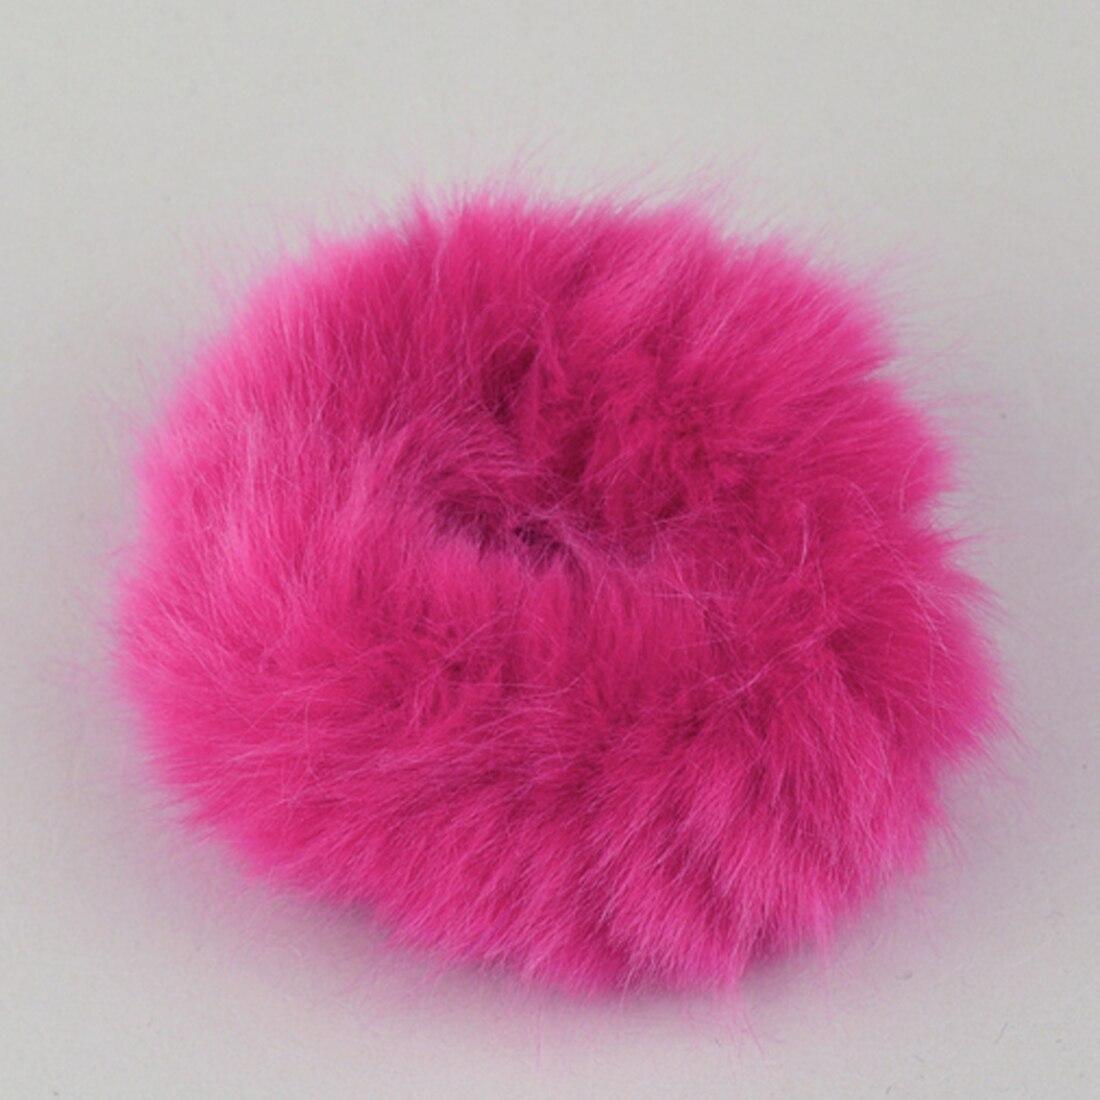 Новинка, настоящая меховая кроличья шерсть, мягкие эластичные резинки для волос для женщин и девочек, милые резинки для волос, резинка для хвоста, модные аксессуары для волос - Цвет: rose red